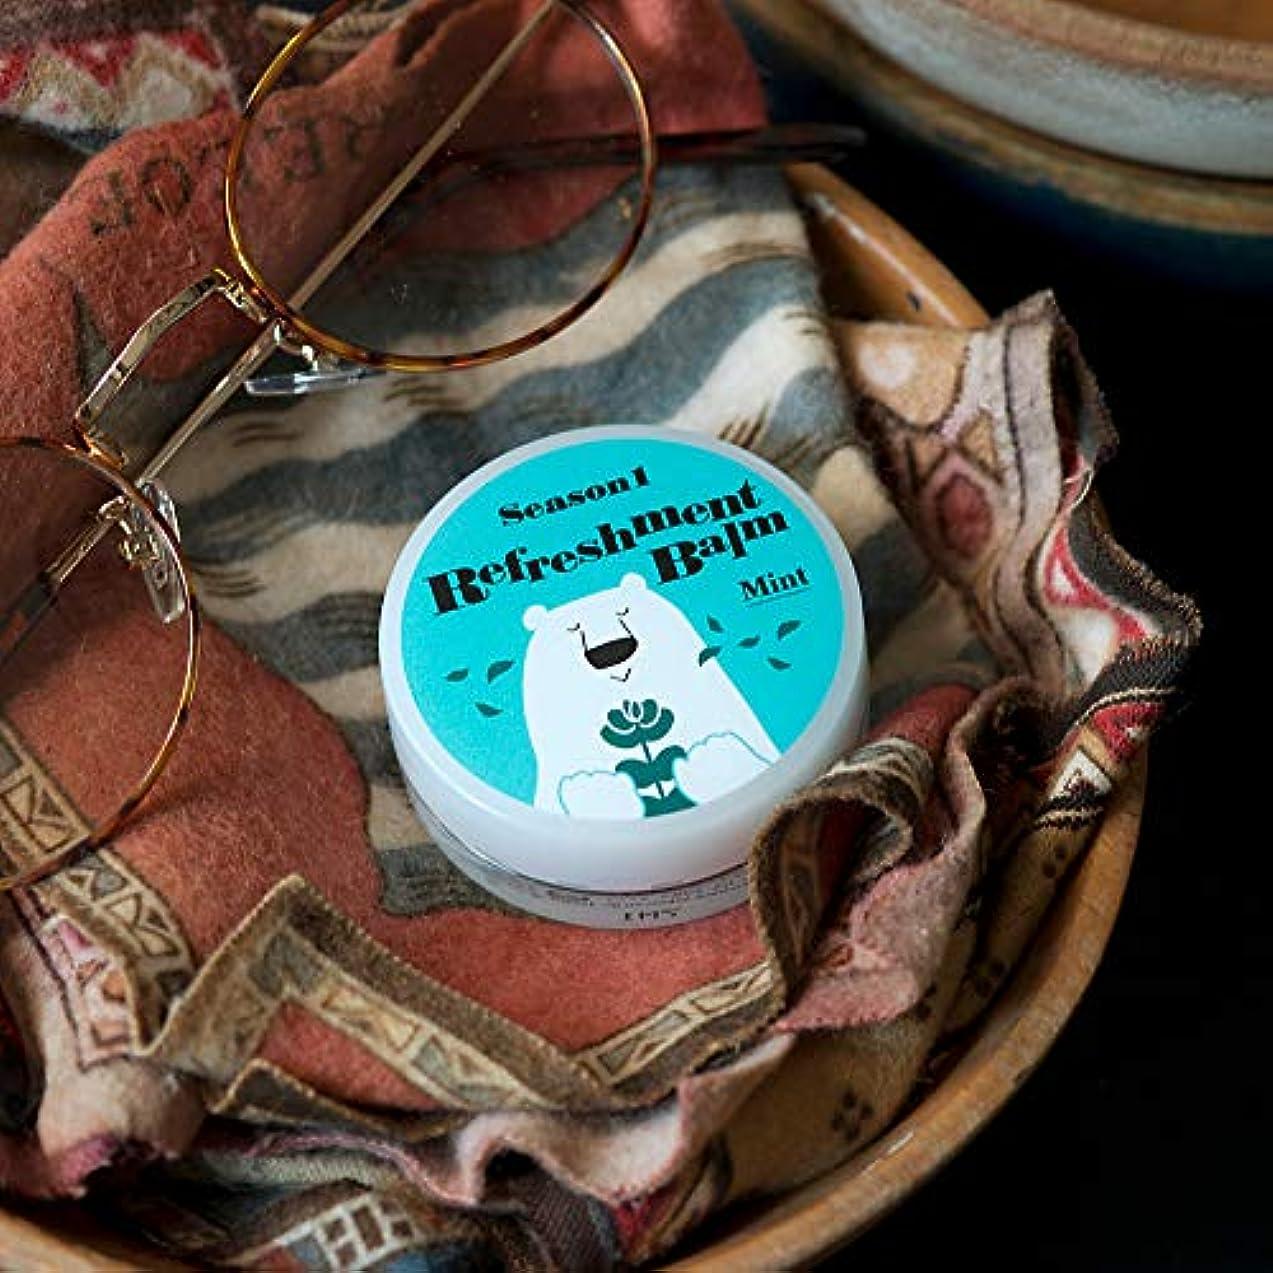 船酔い祈りパール(美健)BIKEN カサカサ鼻にひと塗り リフレッシュメントバーム ミント エッセンシャルオイル(精油)のみで香り付け